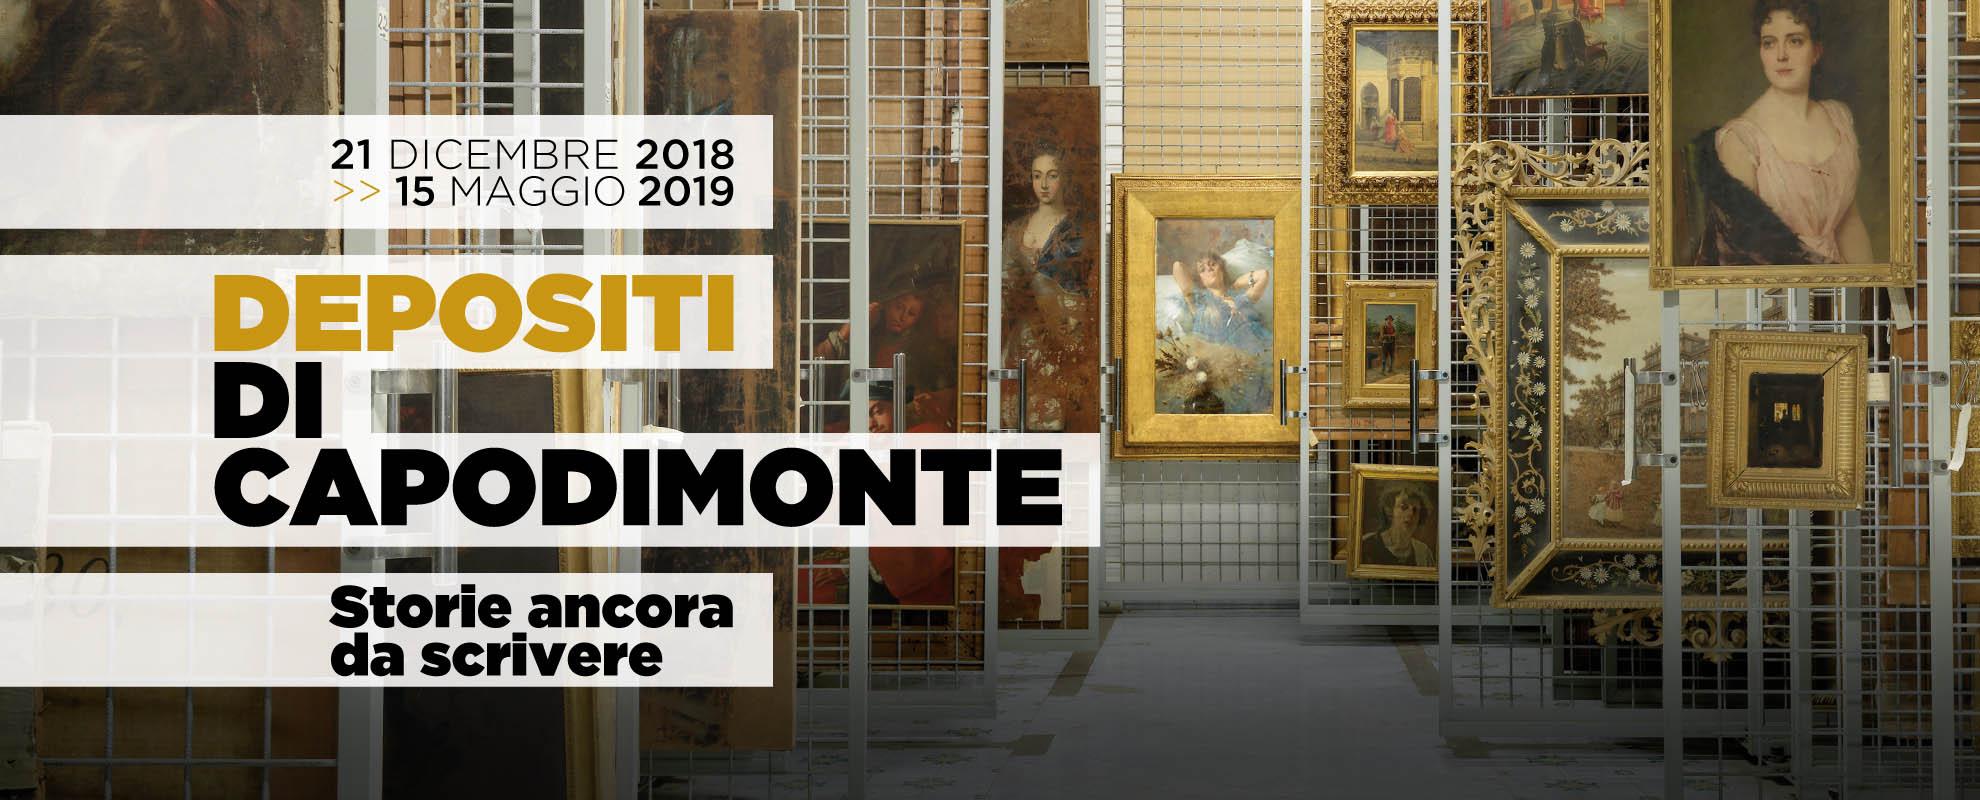 Napoli, il Museo Nazionale di Capodimonte mette in mostra i suoi depositi, con 1.220 opere